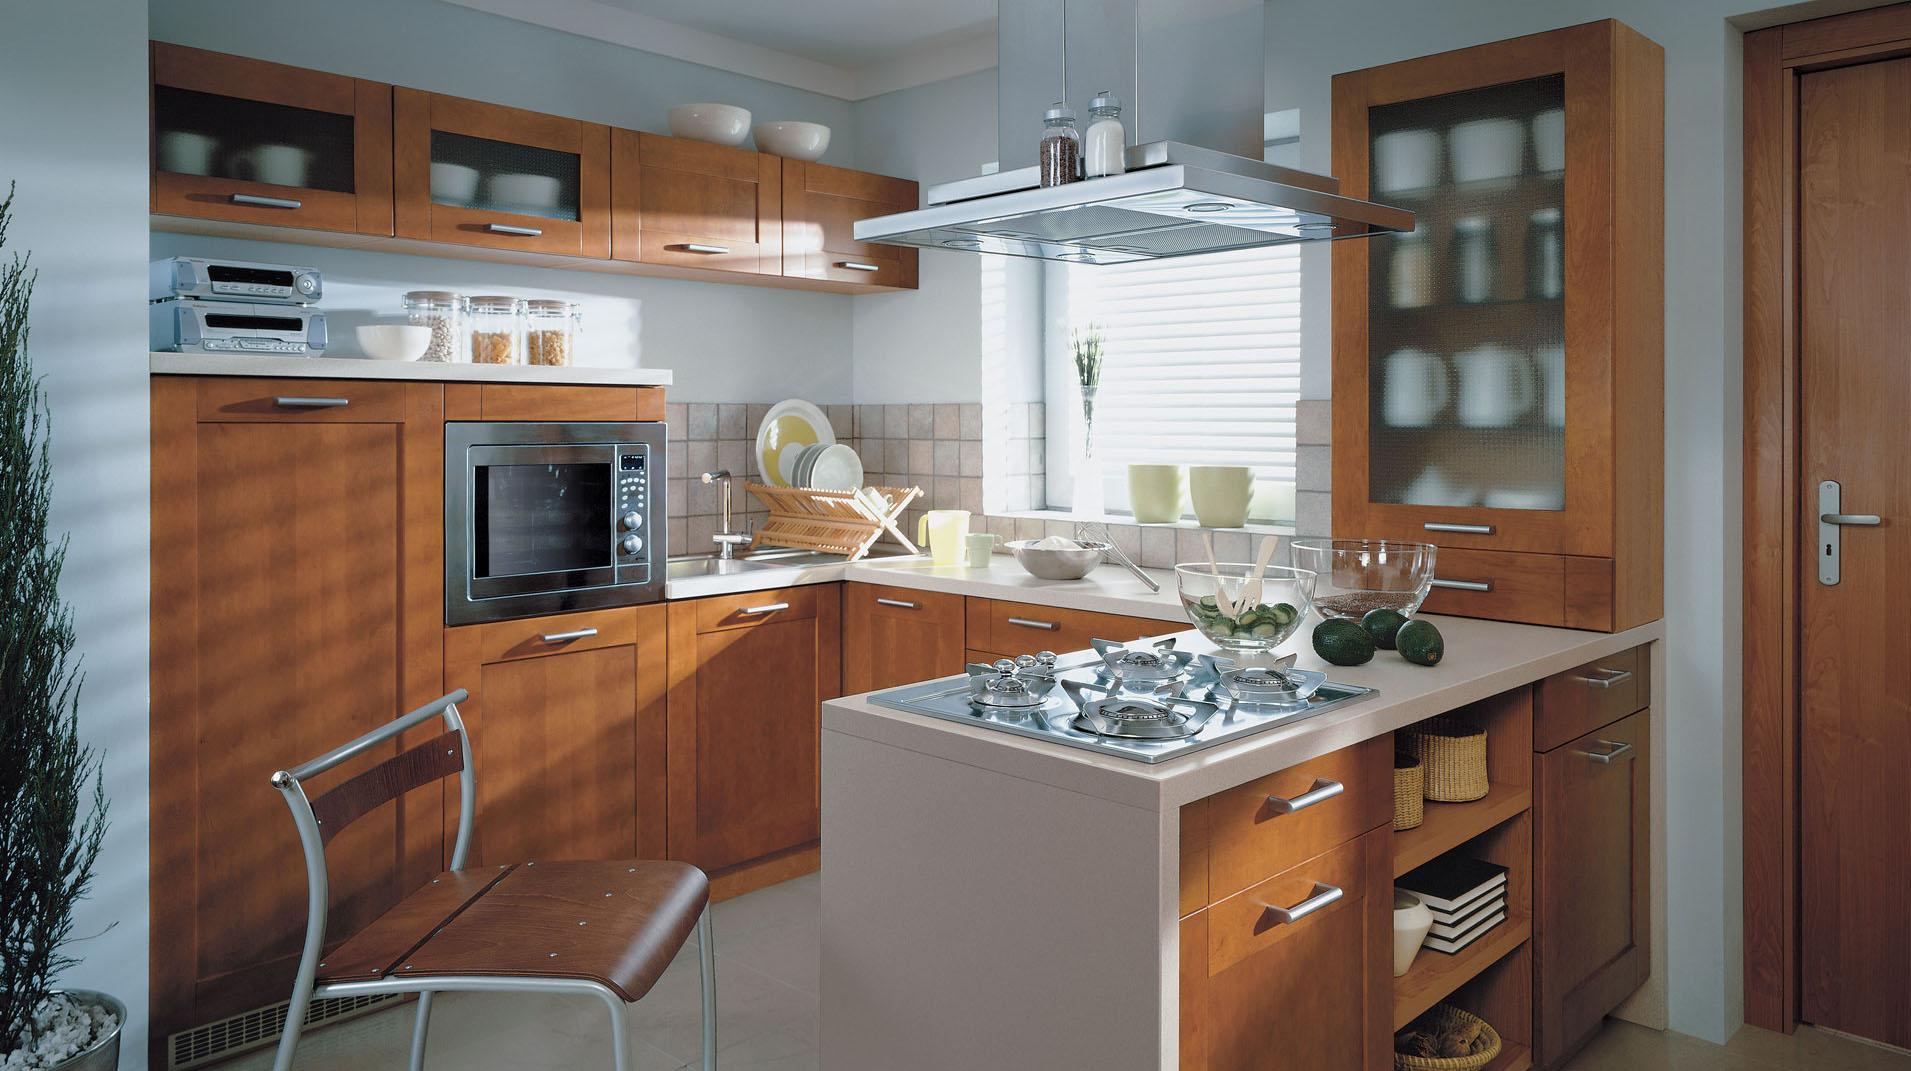 Функциональная и красивая кухня: cпособы расстановки мебели (25 фото)